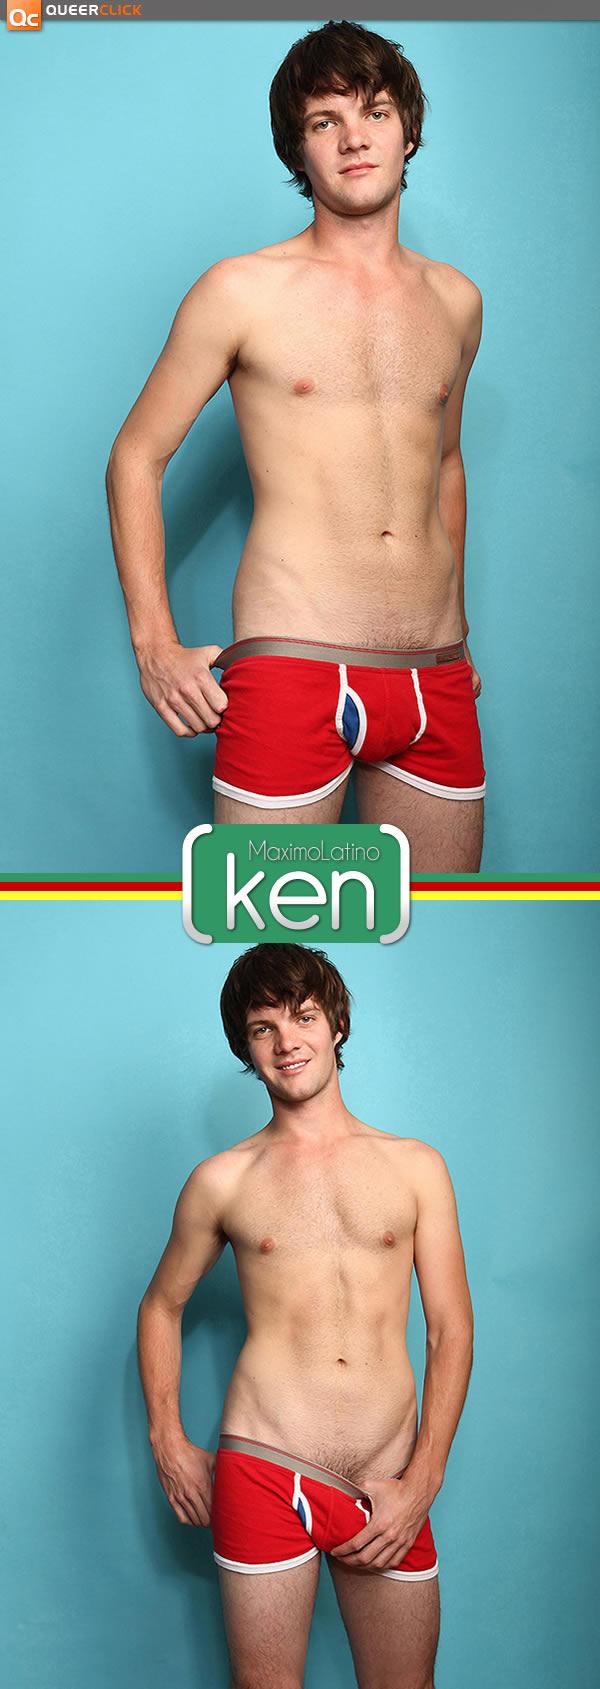 Maximo Latino: Ken